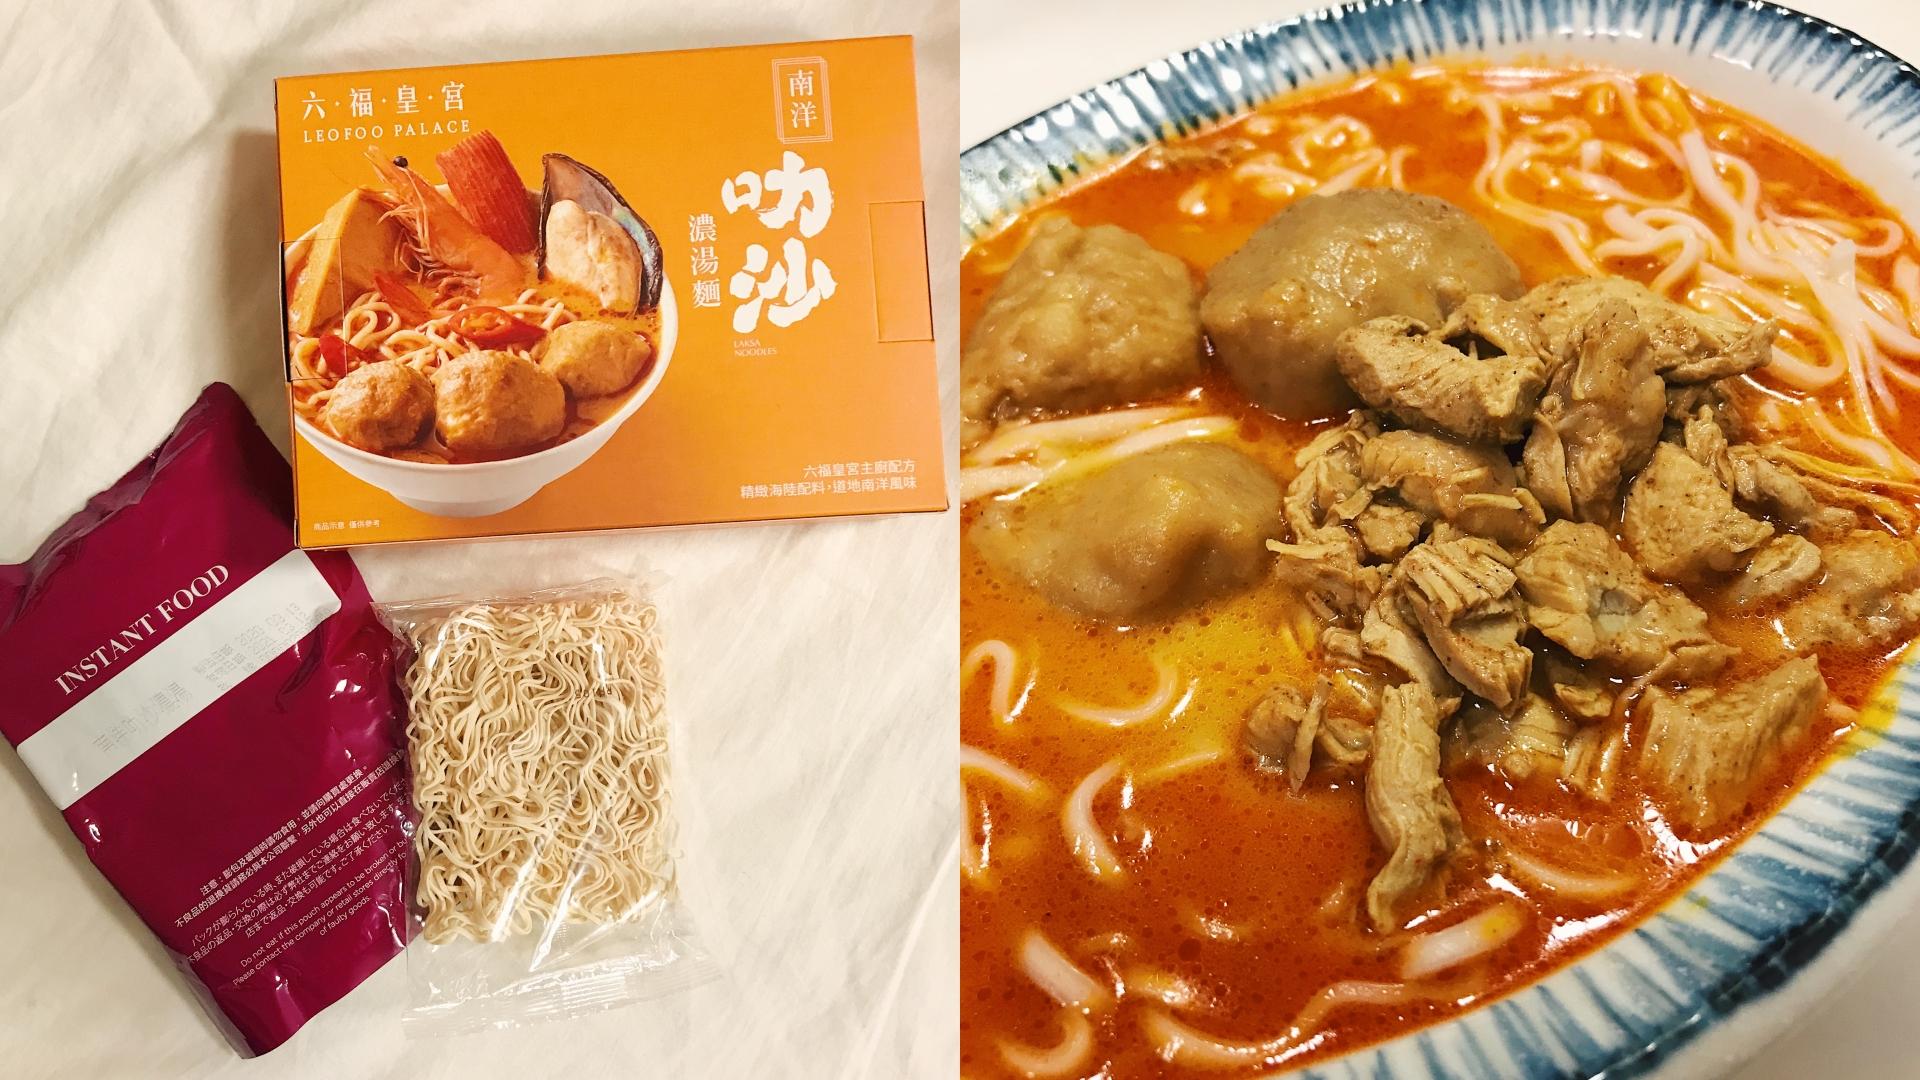 來自新加坡主廚的獨家配方,以薑黃、椰奶和香茅等多種辛香料熬煮而成的湯頭,吃起來有點微辣卻不刺激,在微涼的天氣喝起來溫溫的很舒服!